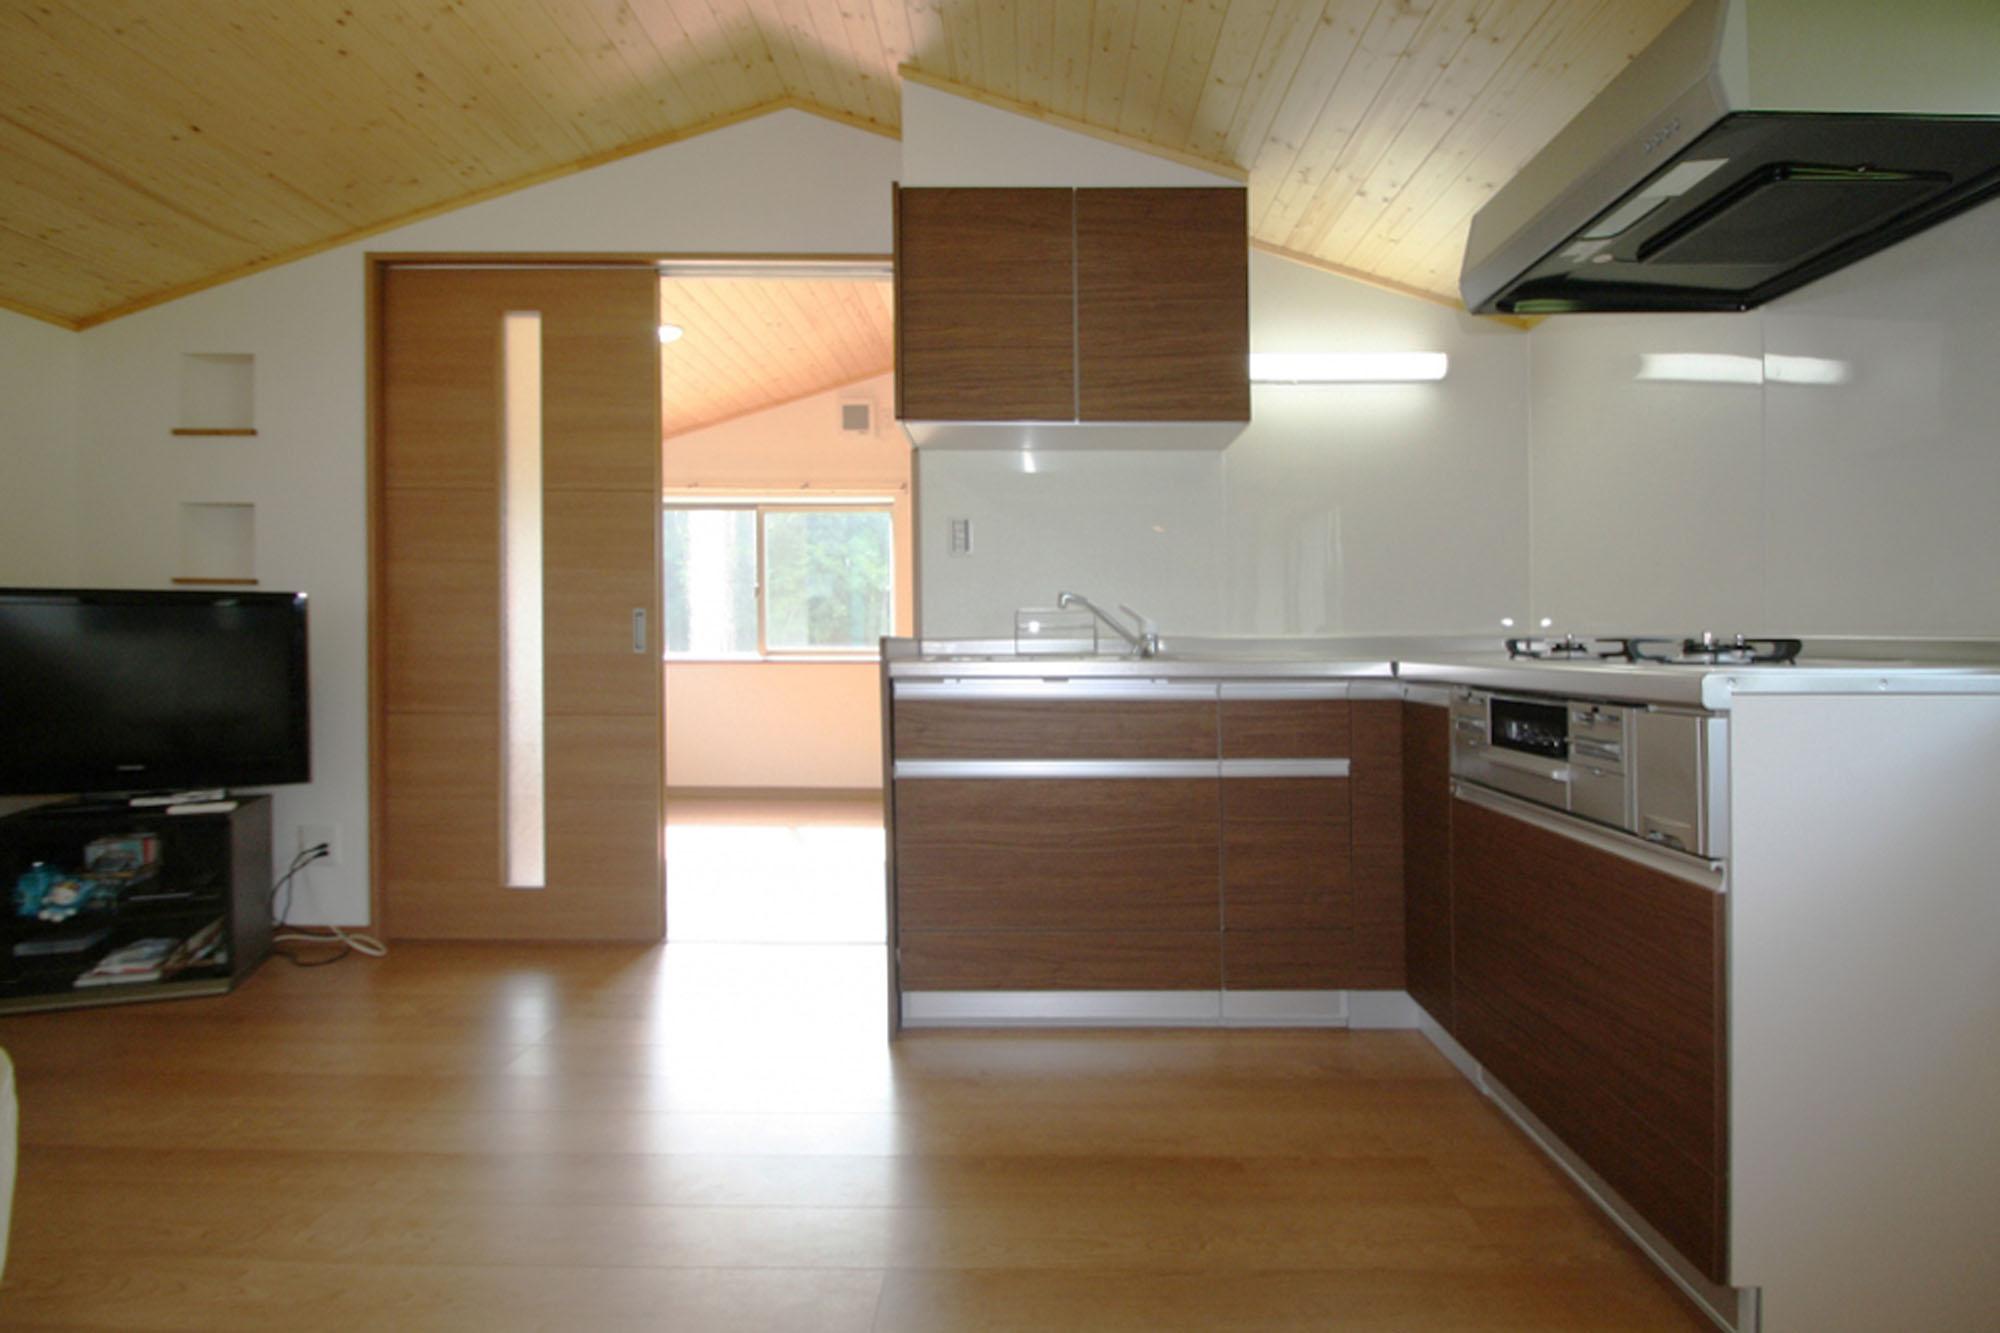 床と天井の色に合わせたキッチン。の写真